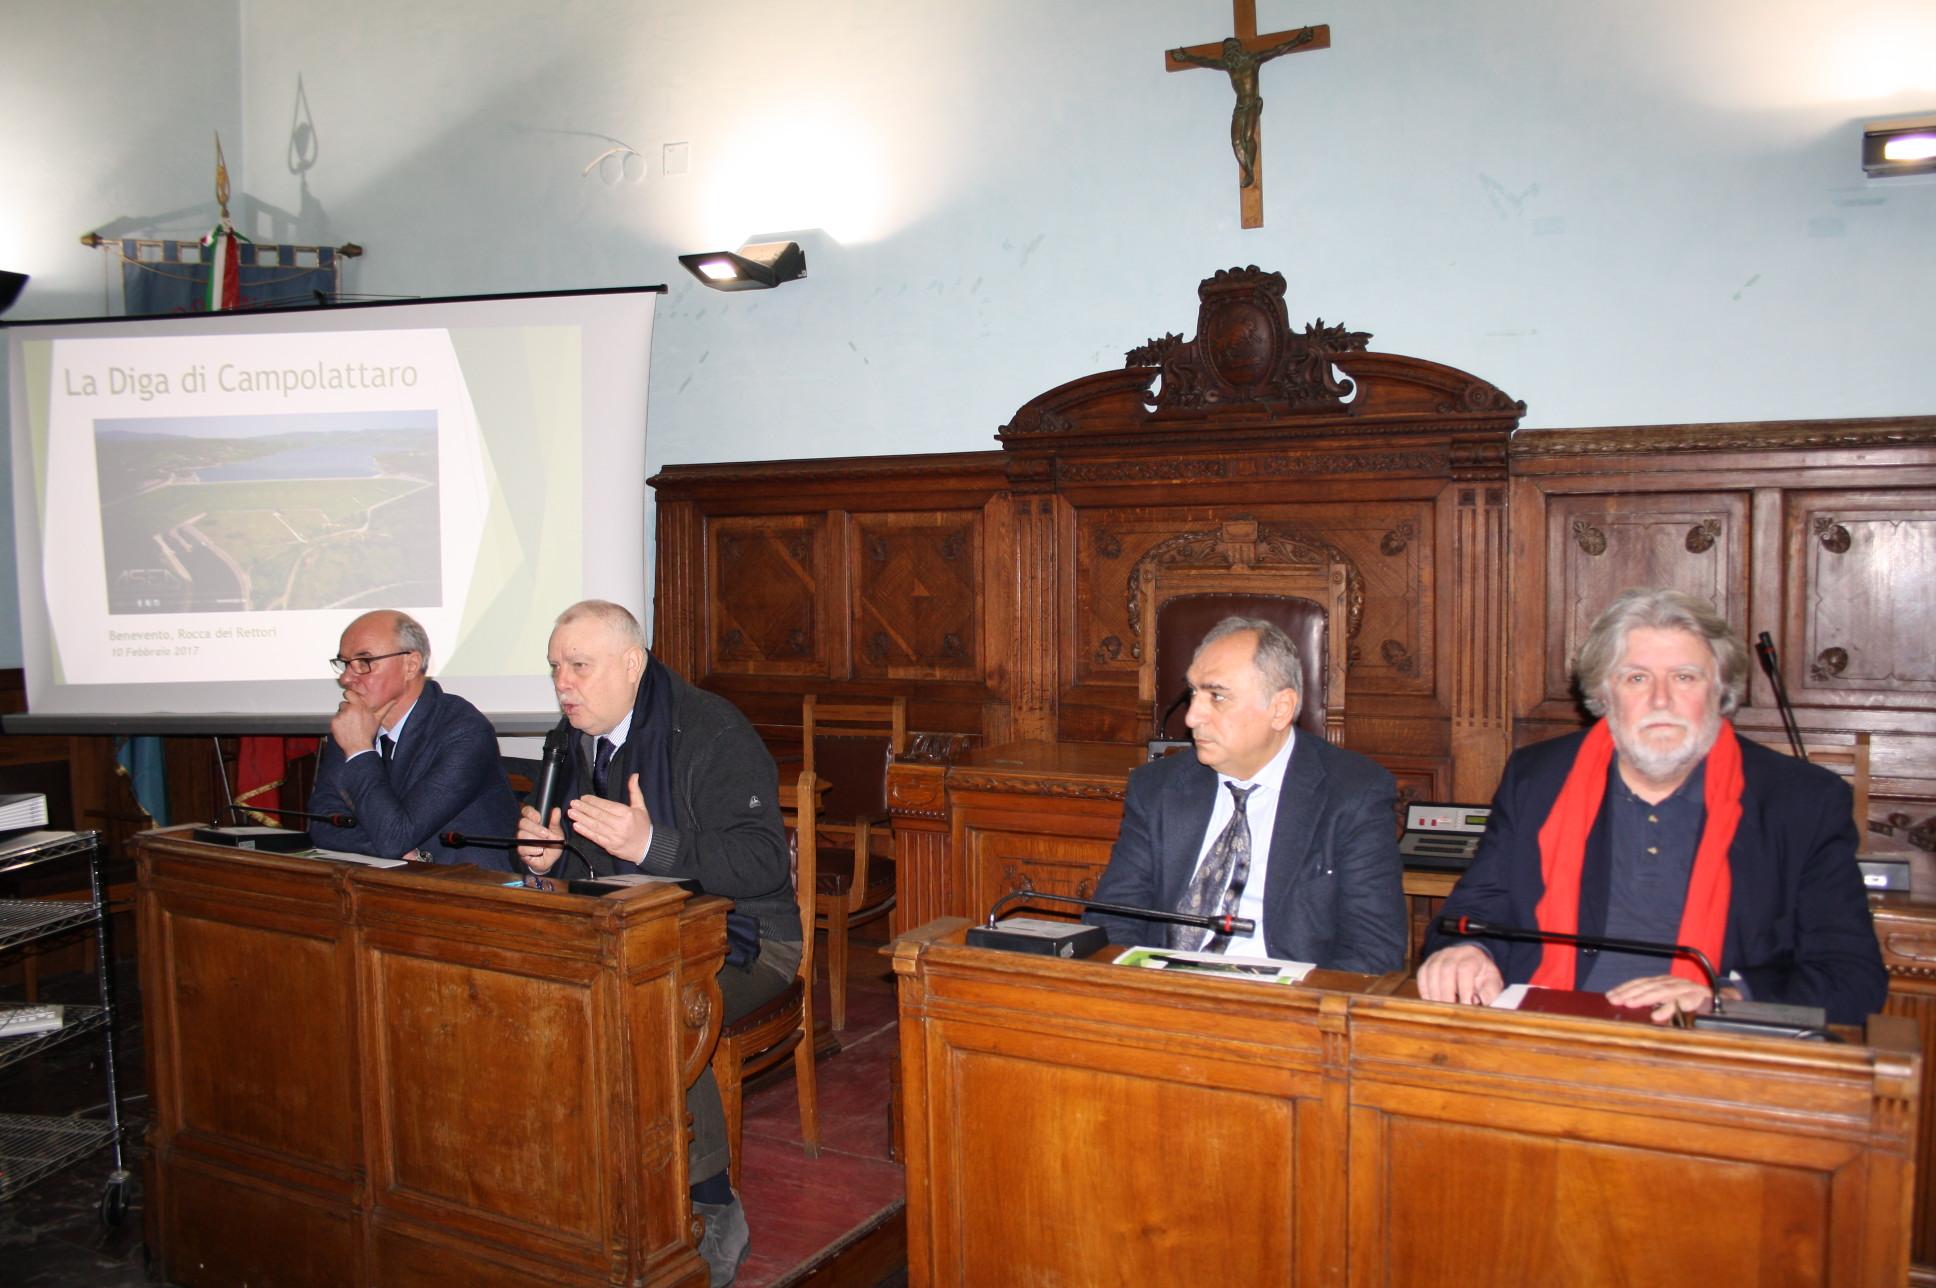 Diga di Campolattaro, il problema è l'interferenza della strada comunale Senzamici in Morcone